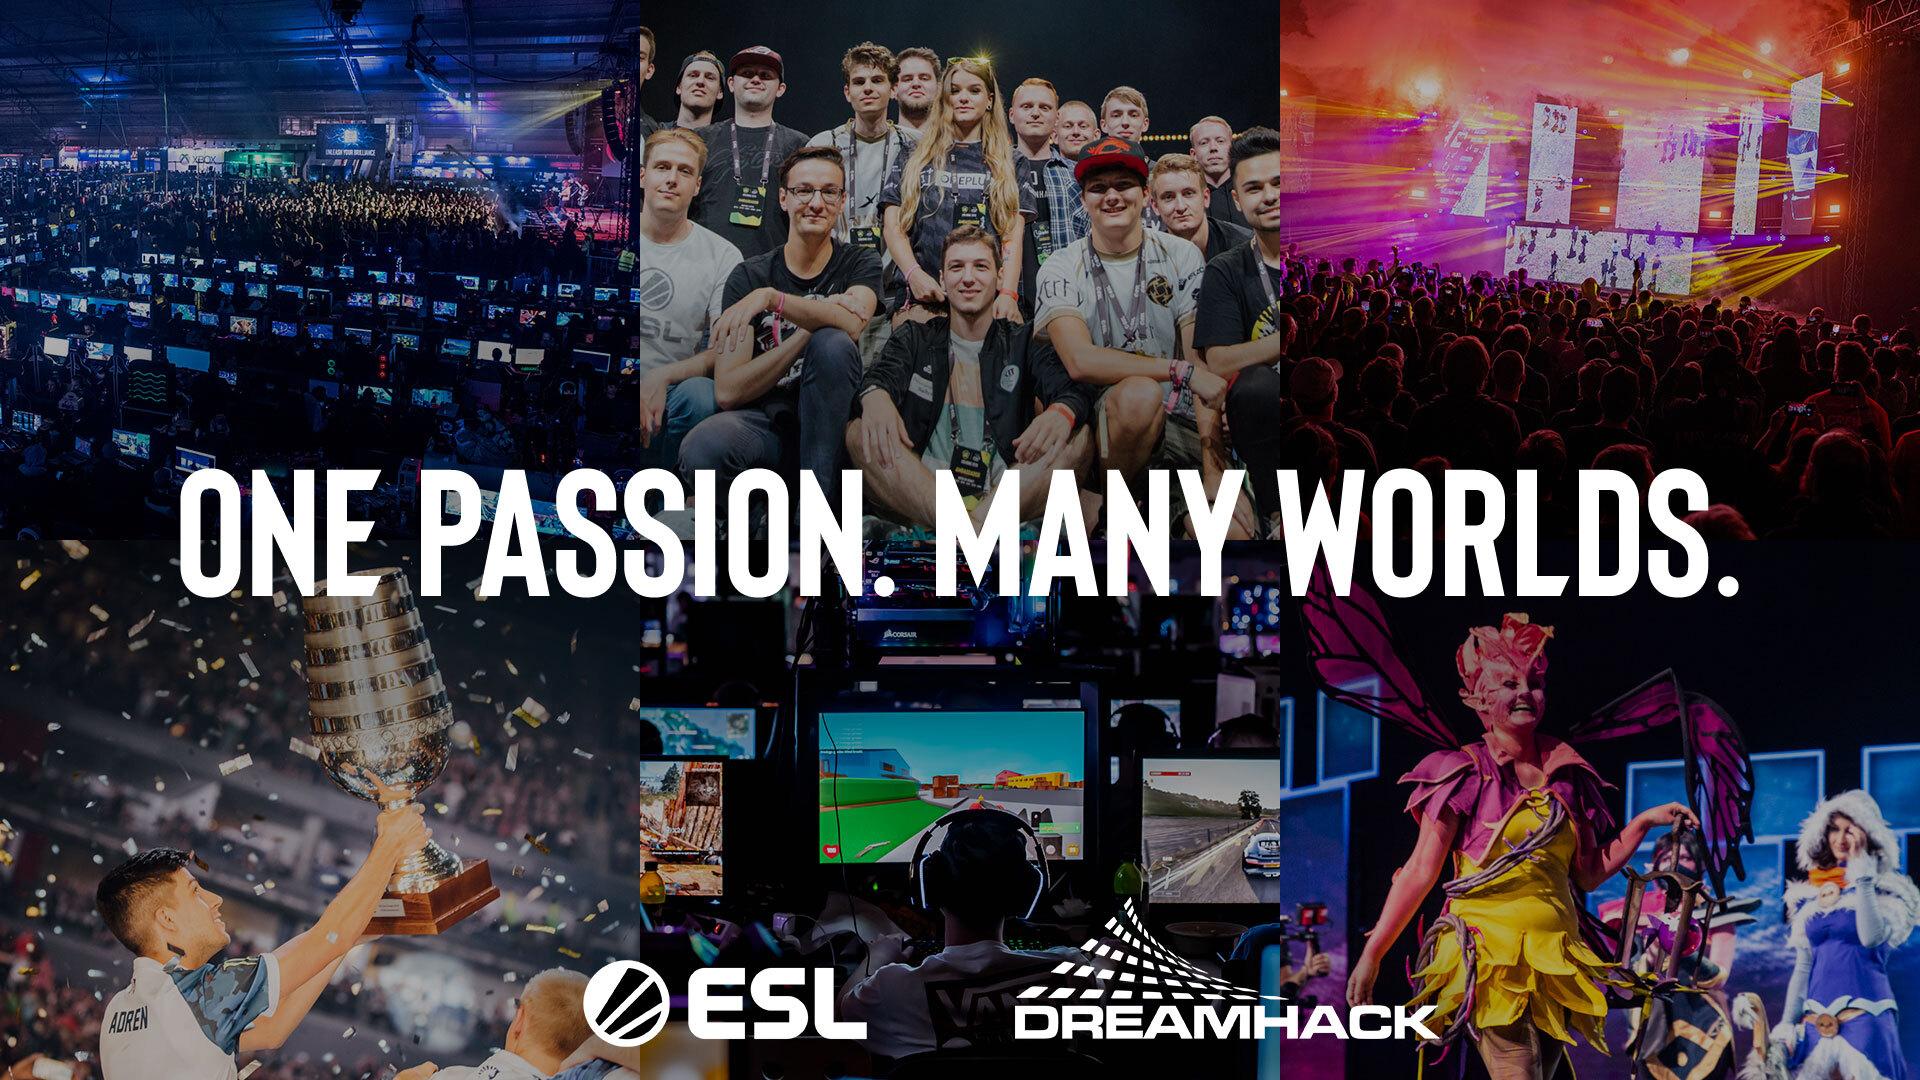 DreamHack ESL Merger